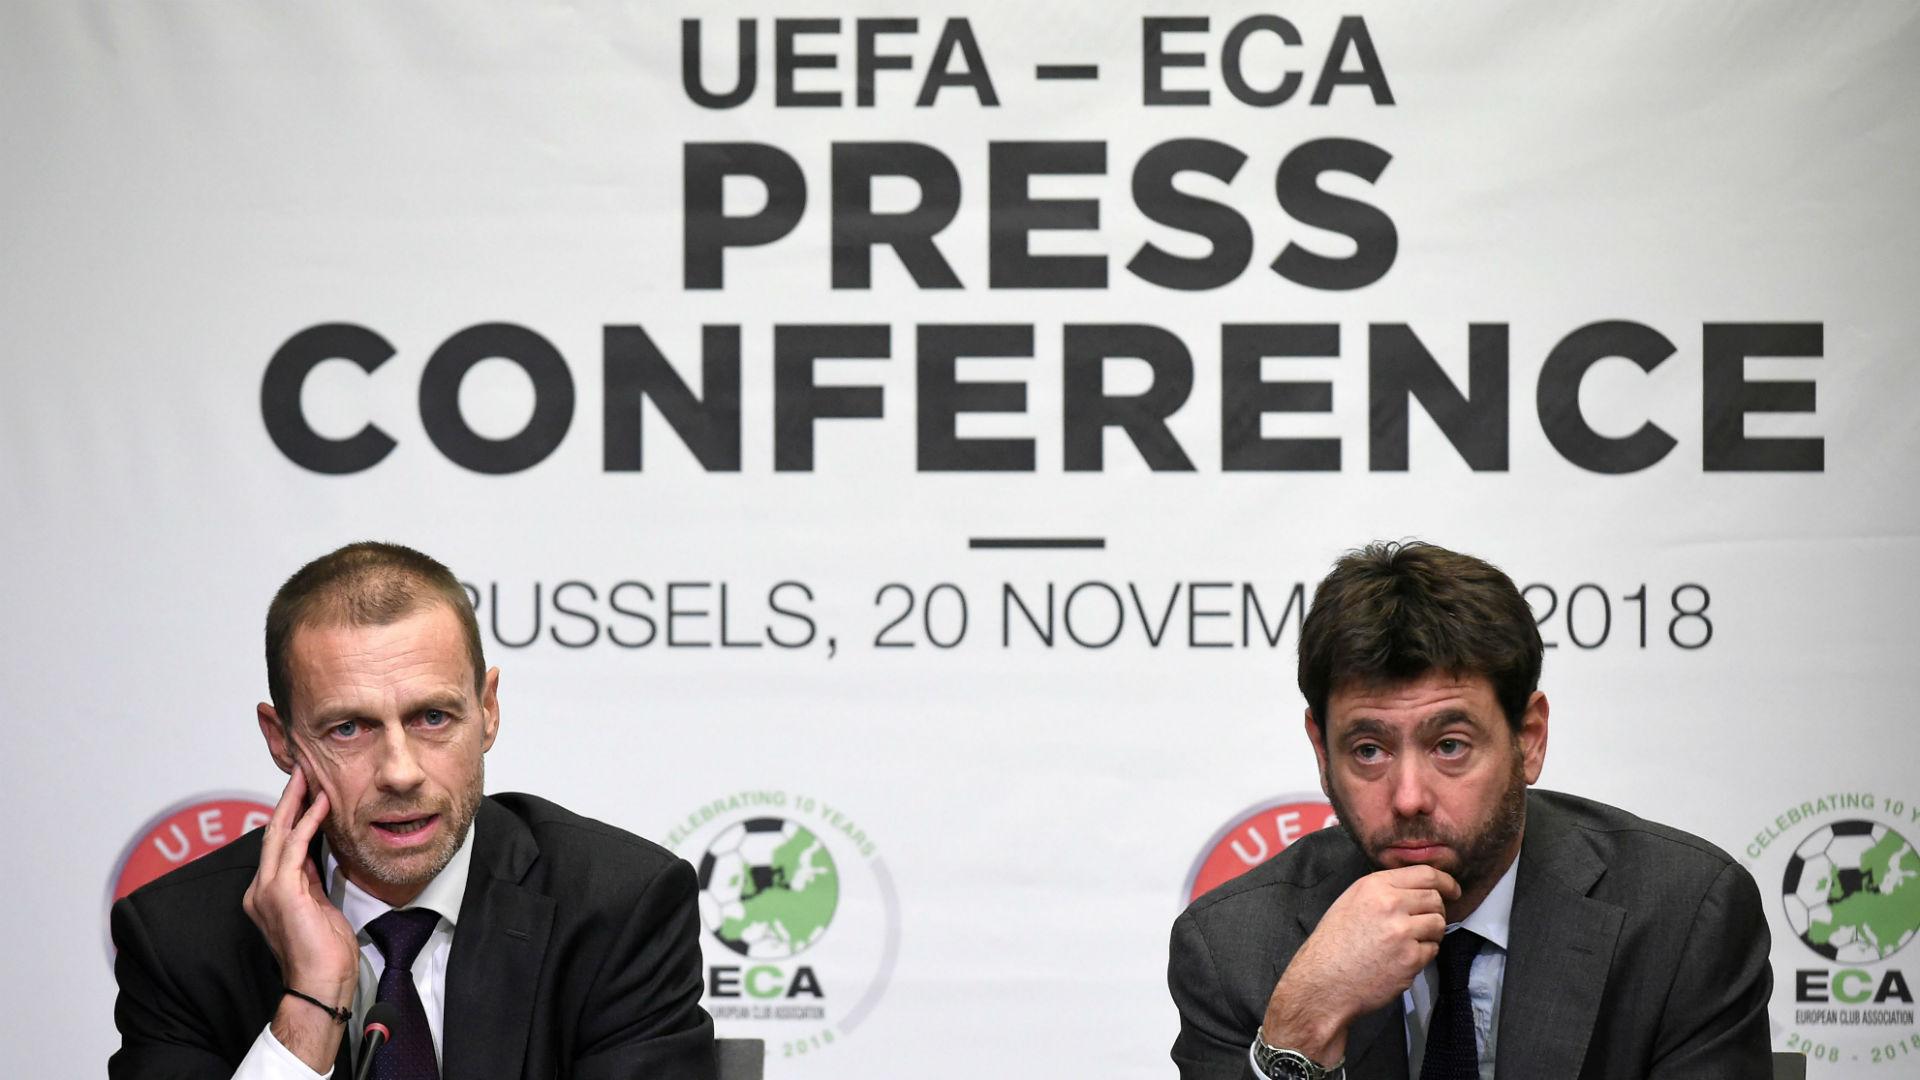 Aleksander Ceferin UEFA Andrea Agnelli ECA 2018